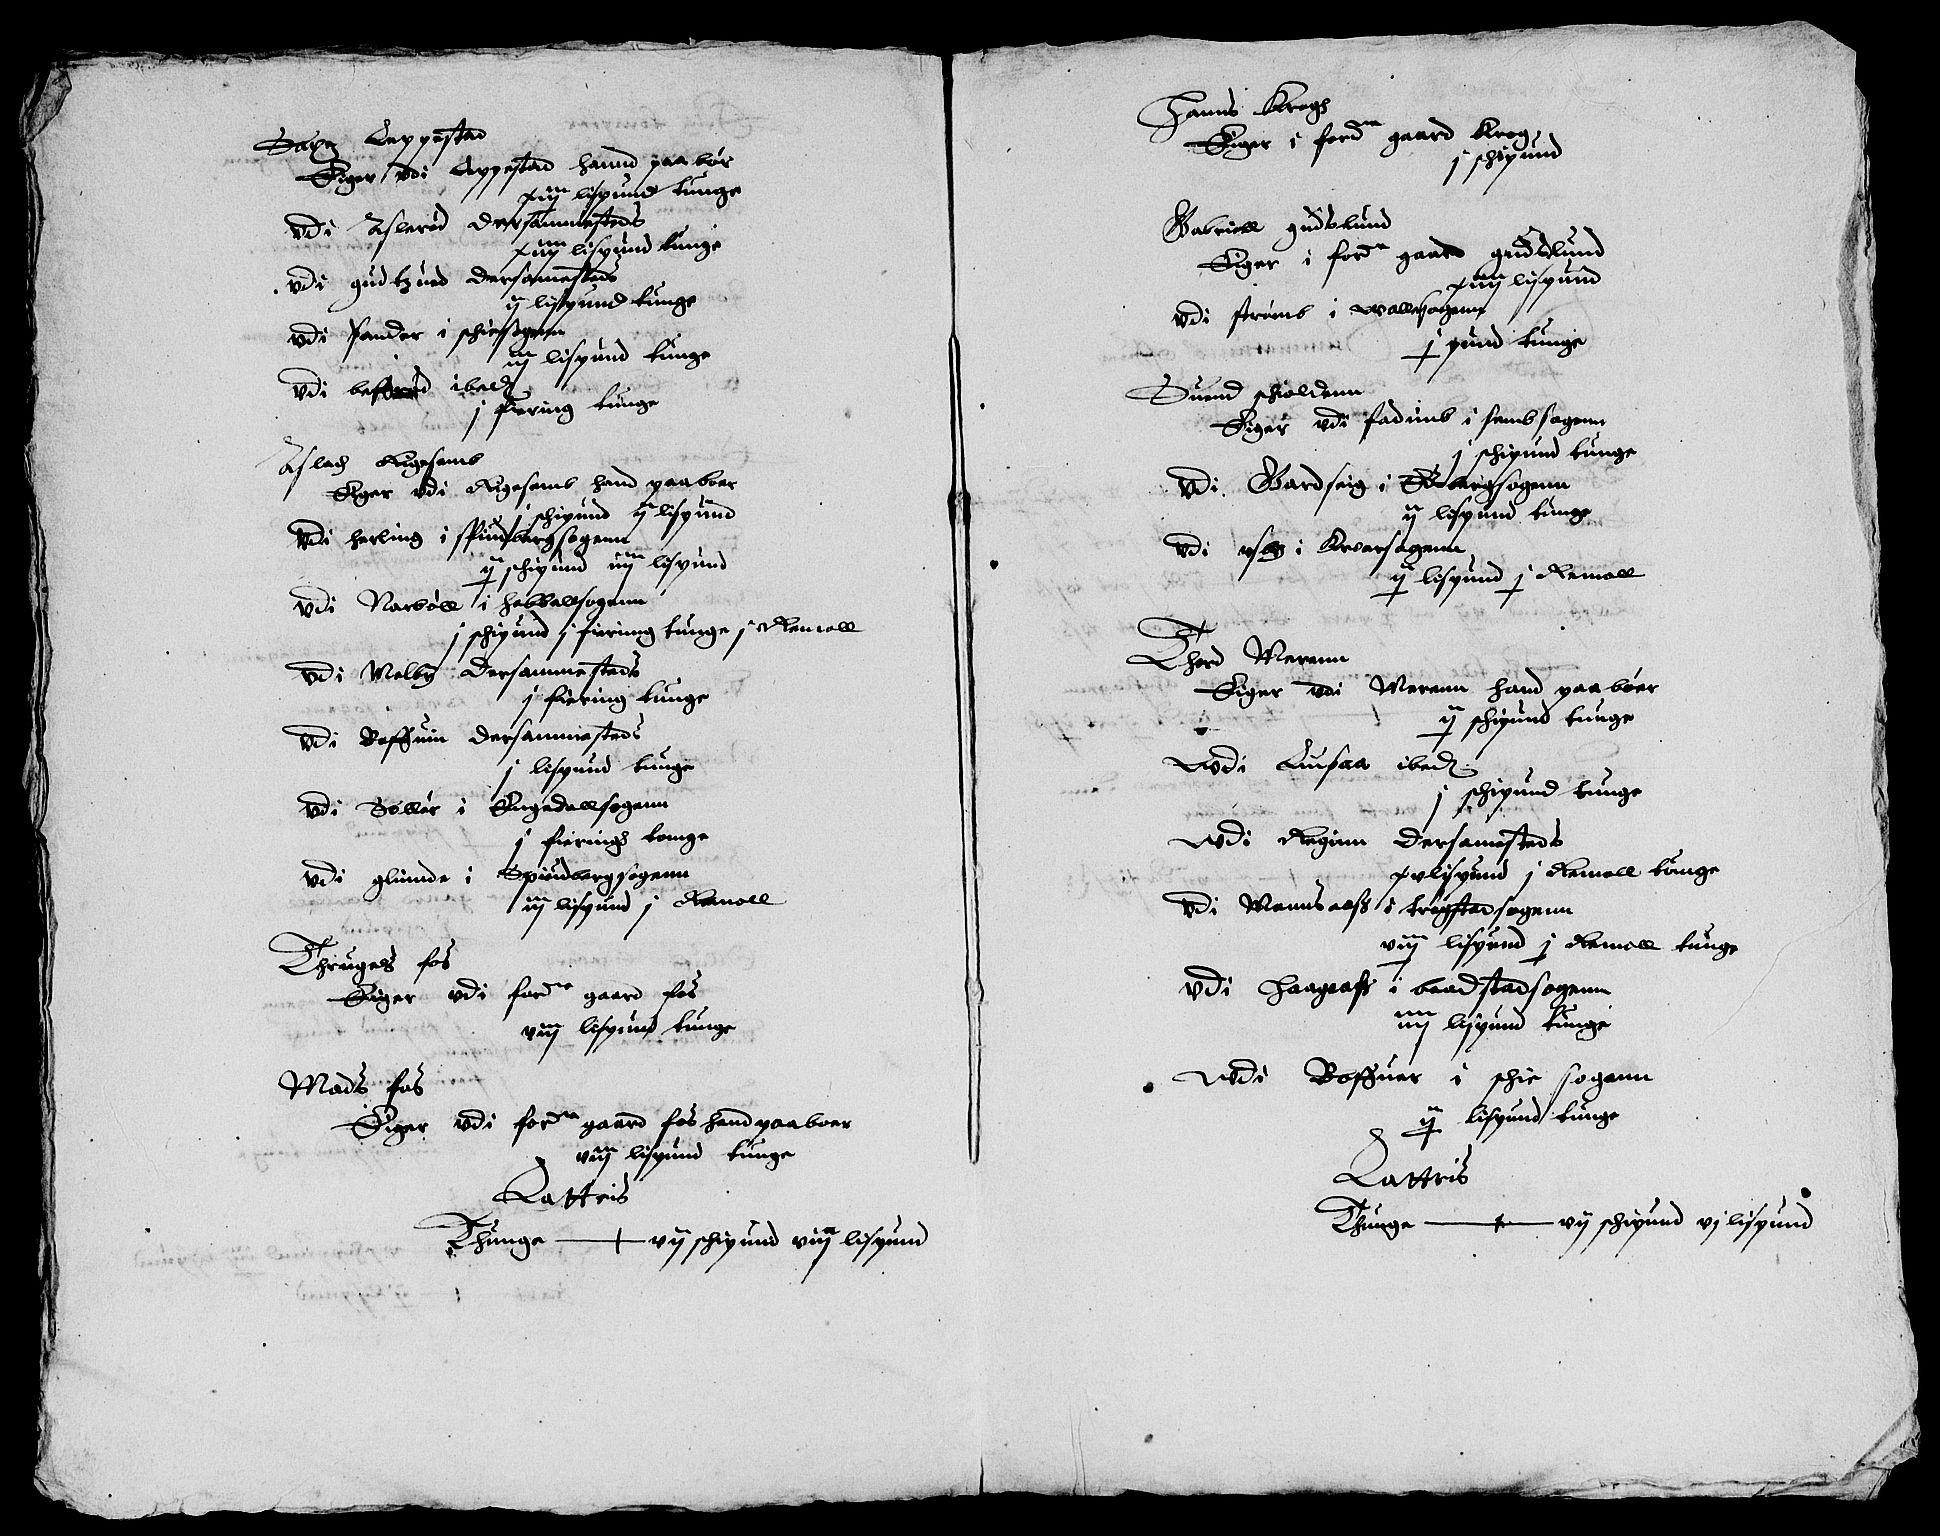 RA, Rentekammeret inntil 1814, Reviderte regnskaper, Lensregnskaper, R/Rb/Rba/L0093: Akershus len, 1627-1629